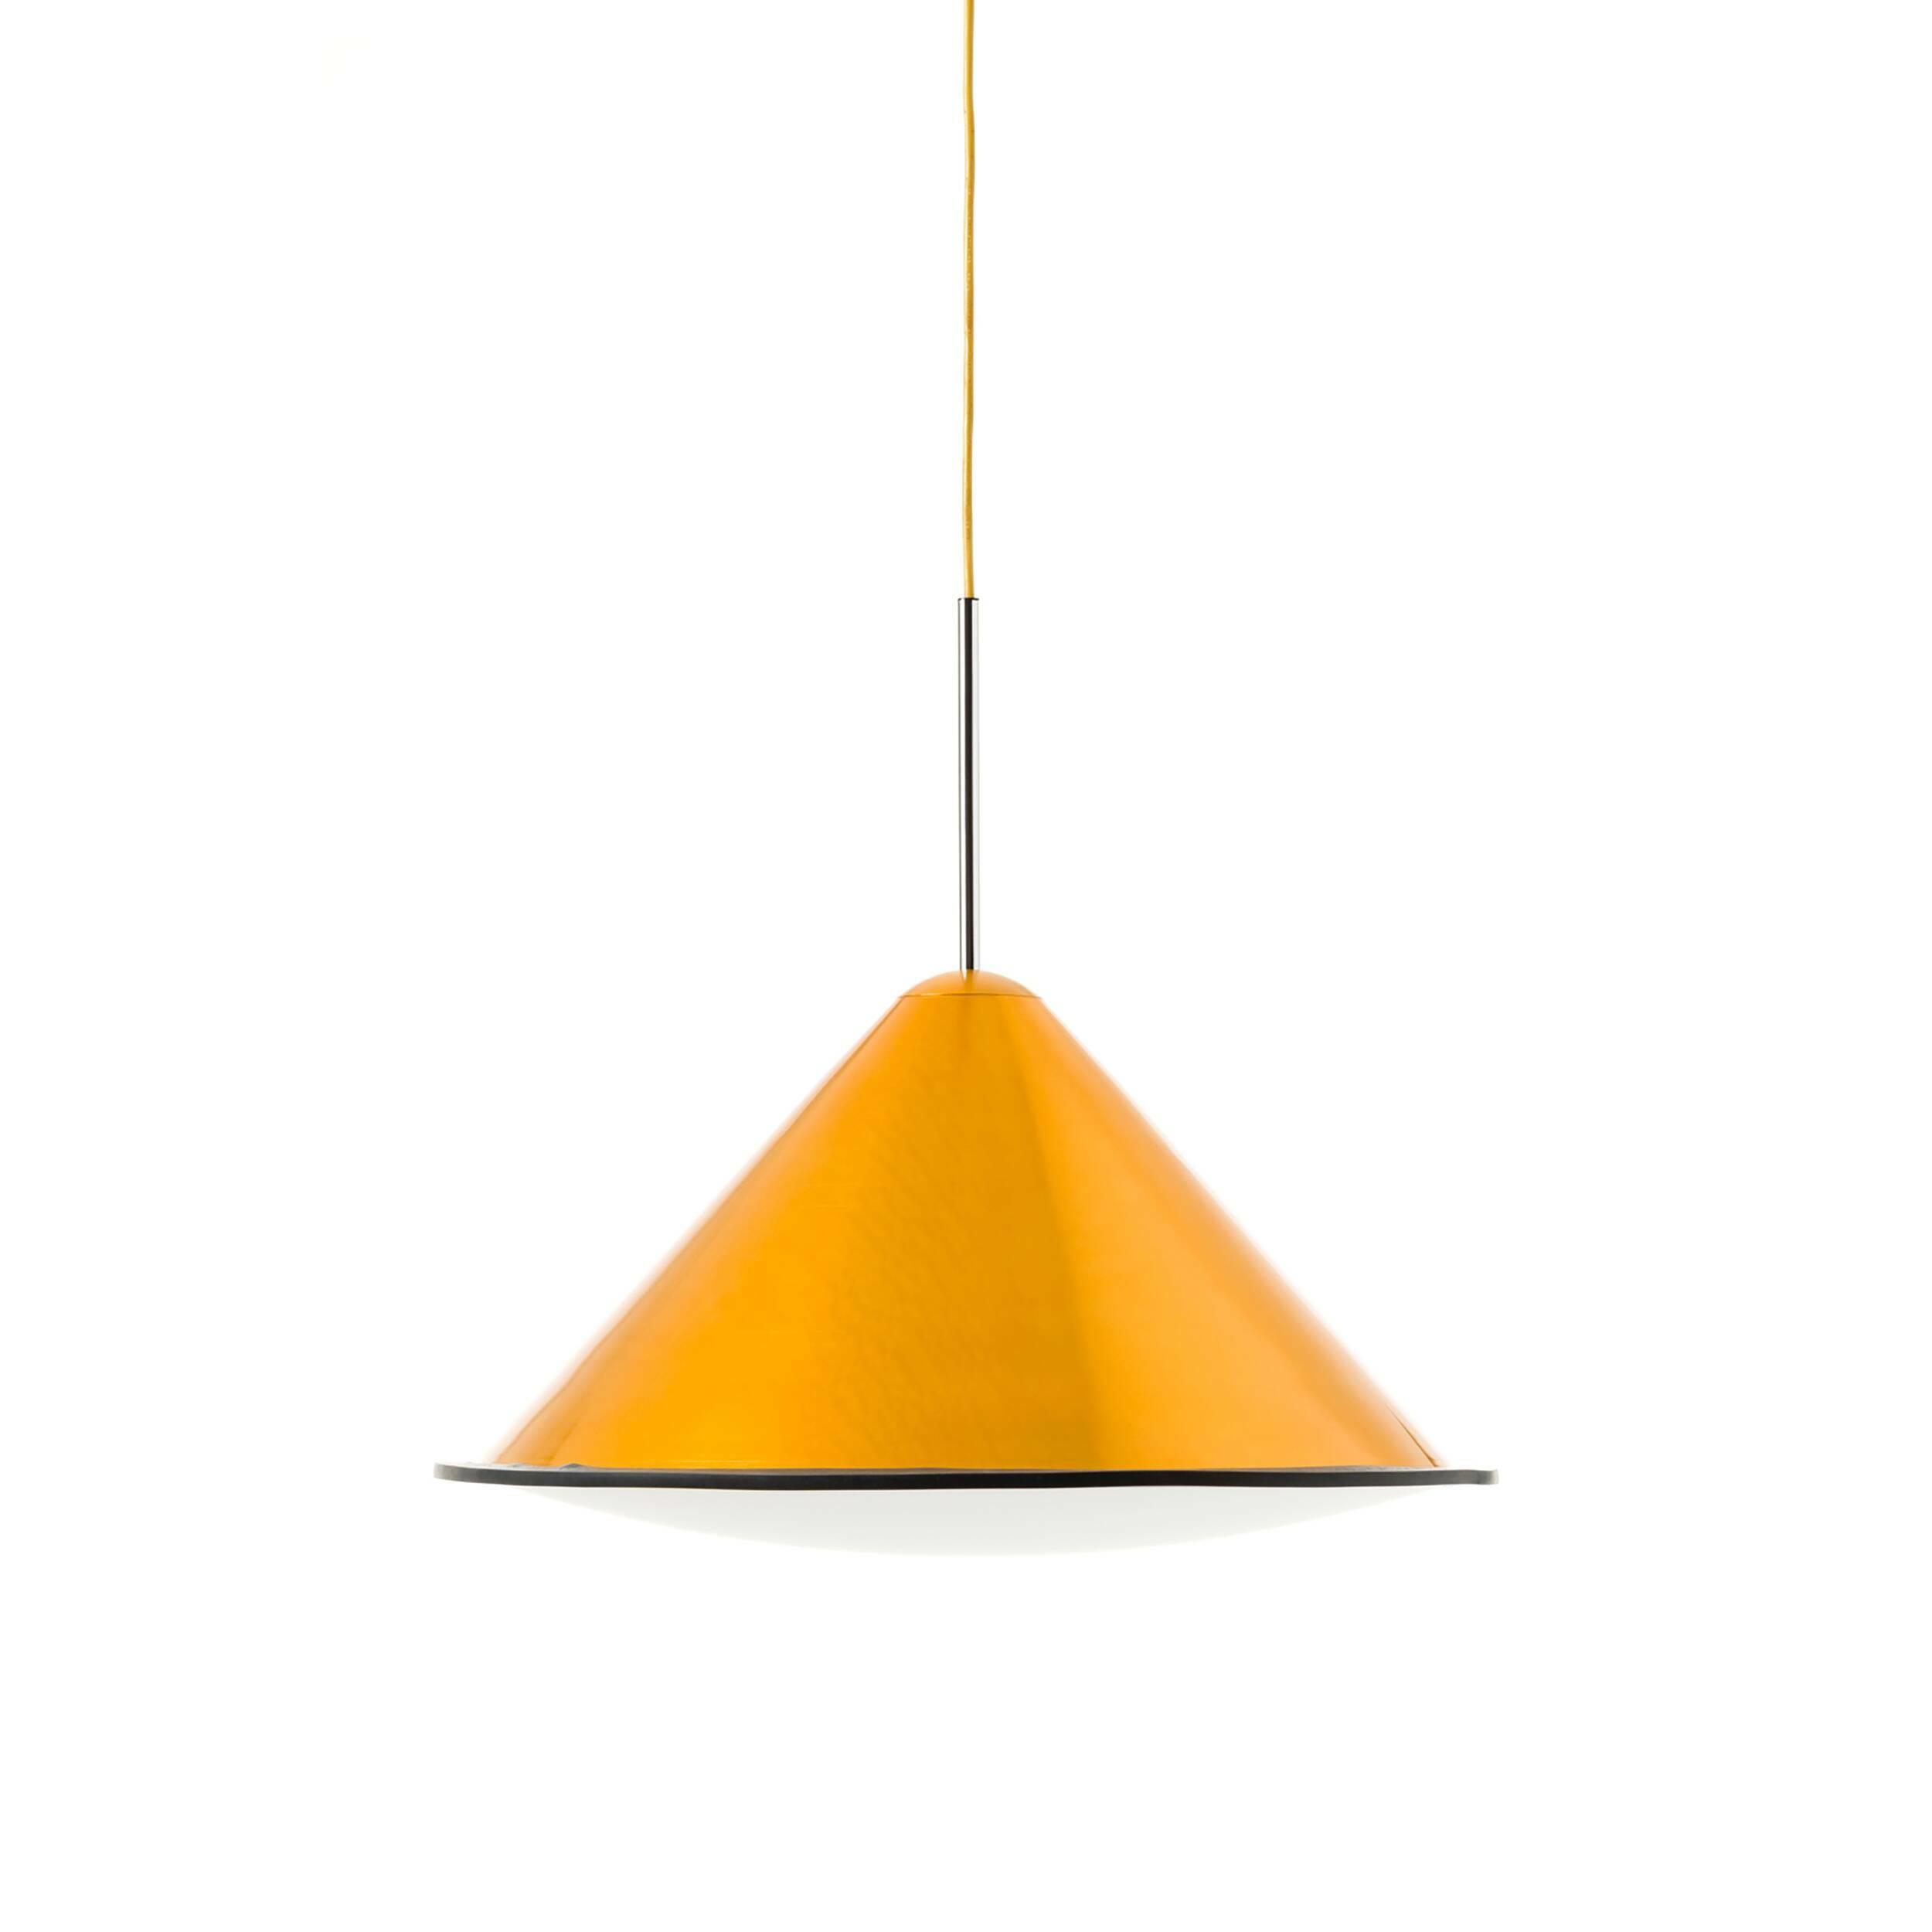 Подвесной светильник Cone диаметр 55Подвесные<br>Источником вдохновения для подвесного светильника Cone D55<br> стала профессиональная фототехника. Этим объясняется особое отношение к свету и его универсальности.<br><br><br><br>Плафон Cone D55 с внутренней белой поверхностью из акрила равномерно распределяет световой луч, придавая ему выразительность и качества естественного дневного света.<br><br>stock: 0<br>Высота: 120<br>Диаметр: 55<br>Количество ламп: 1<br>Материал абажура: Акрил<br>Материал арматуры: Металл<br>Ламп в комплекте: Нет<br>Напряжение: 220<br>Тип лампы/цоколь: E27<br>Цвет абажура: Золотой